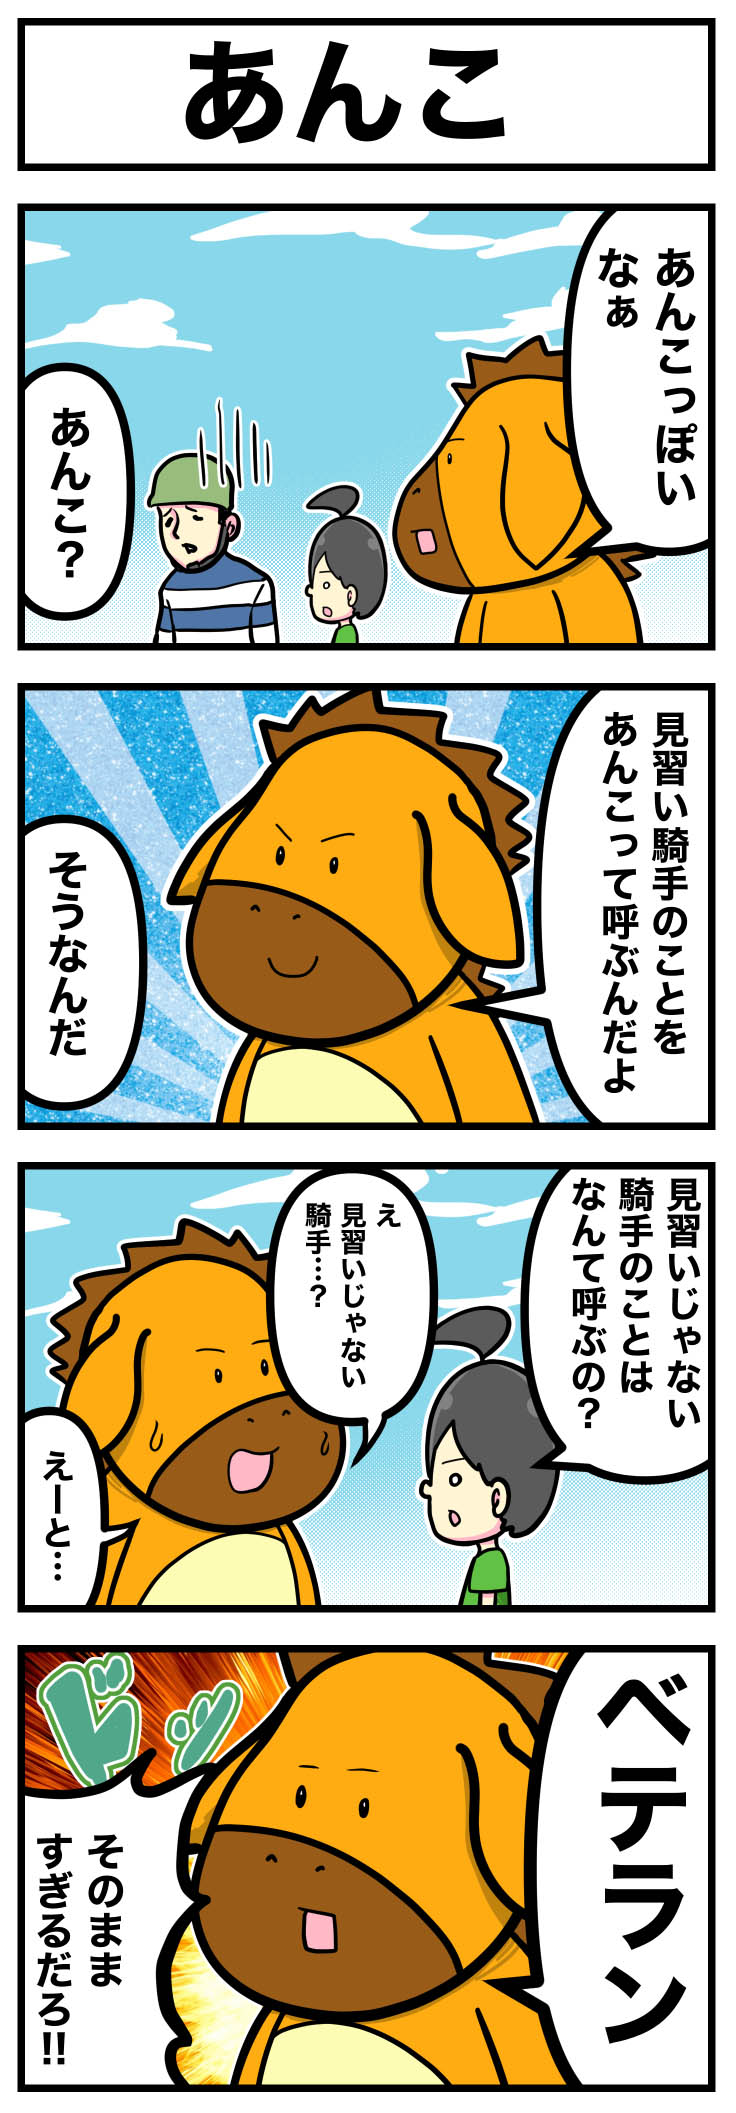 あんこ【うま吉の鉄板穴馬マンガ】